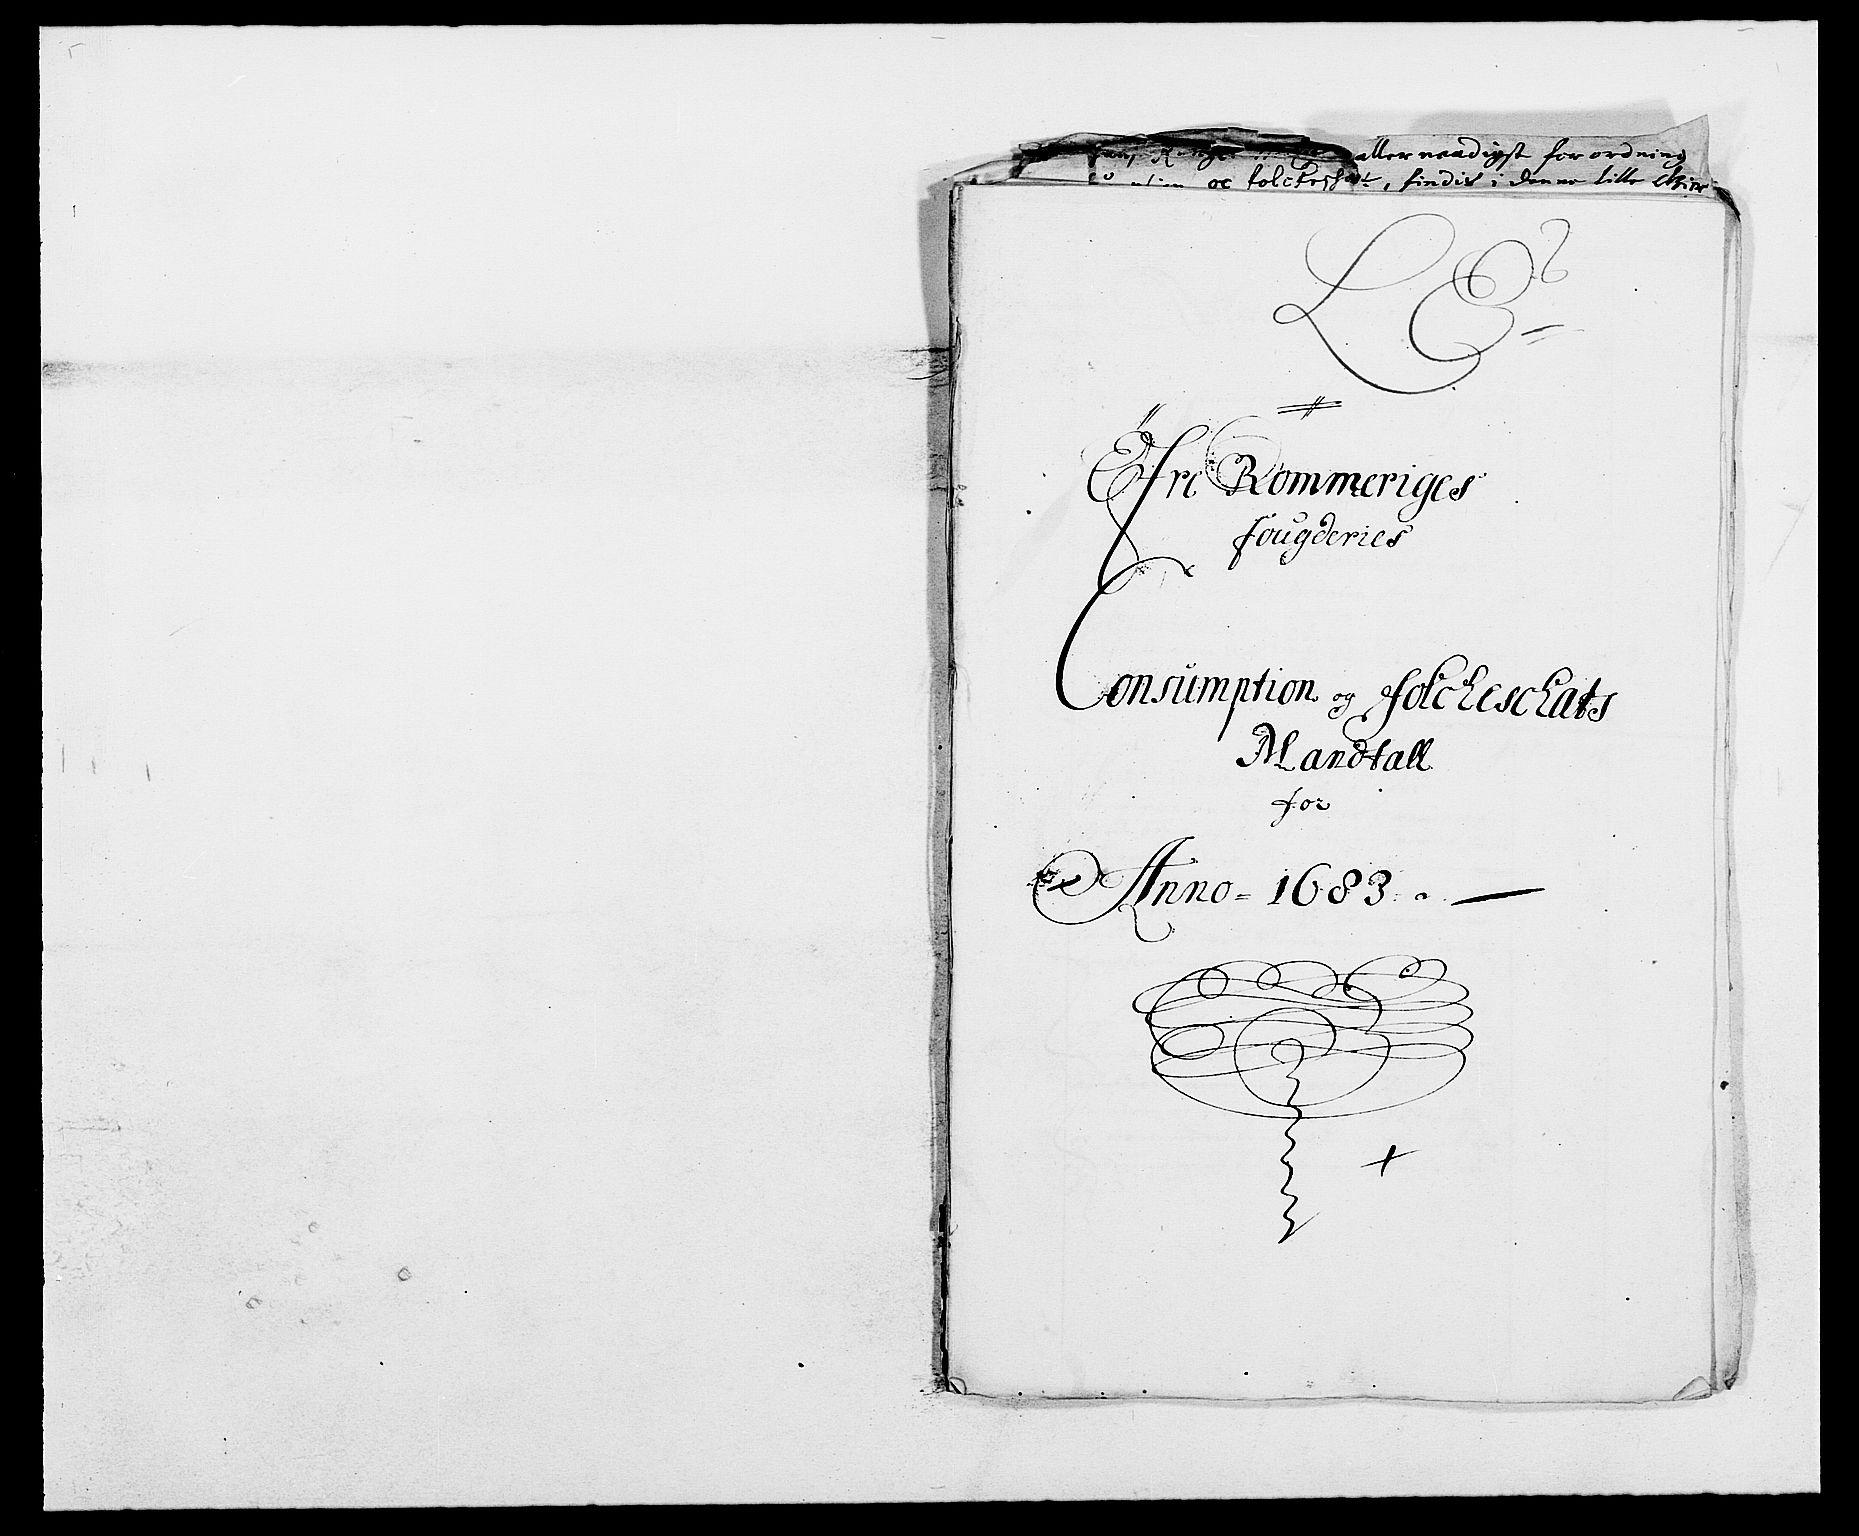 RA, Rentekammeret inntil 1814, Reviderte regnskaper, Fogderegnskap, R12/L0697: Fogderegnskap Øvre Romerike, 1682-1683, s. 318